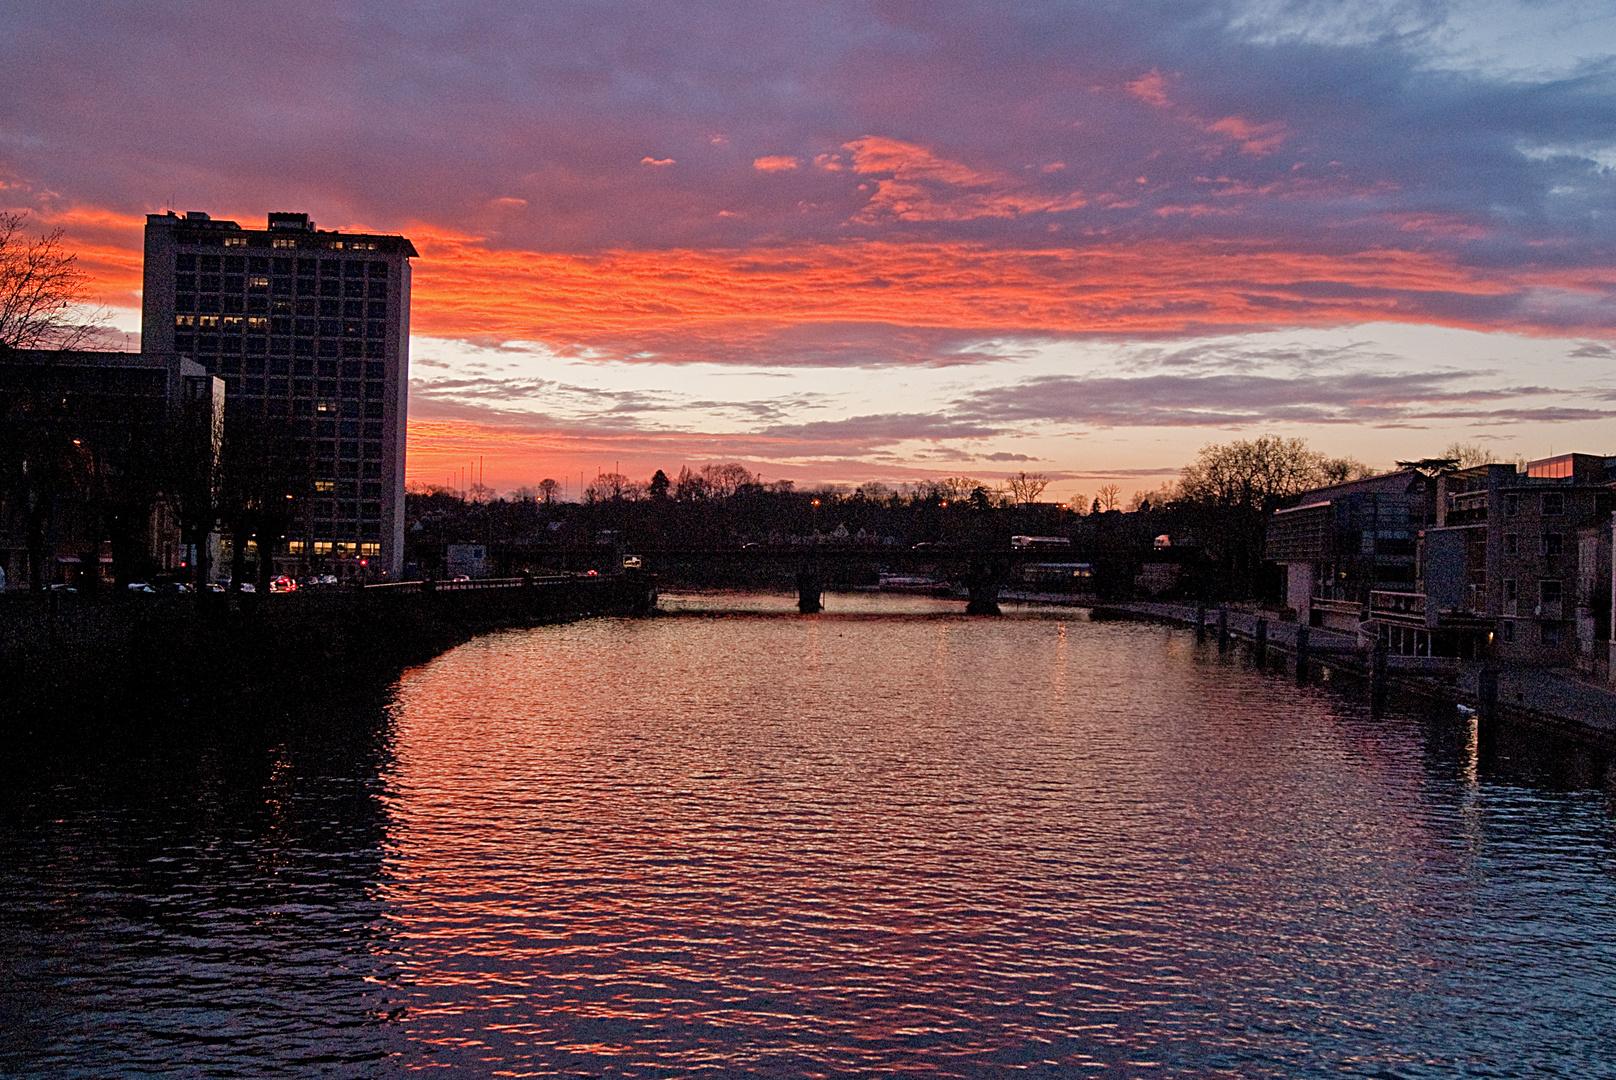 coucher de soleil à Melun